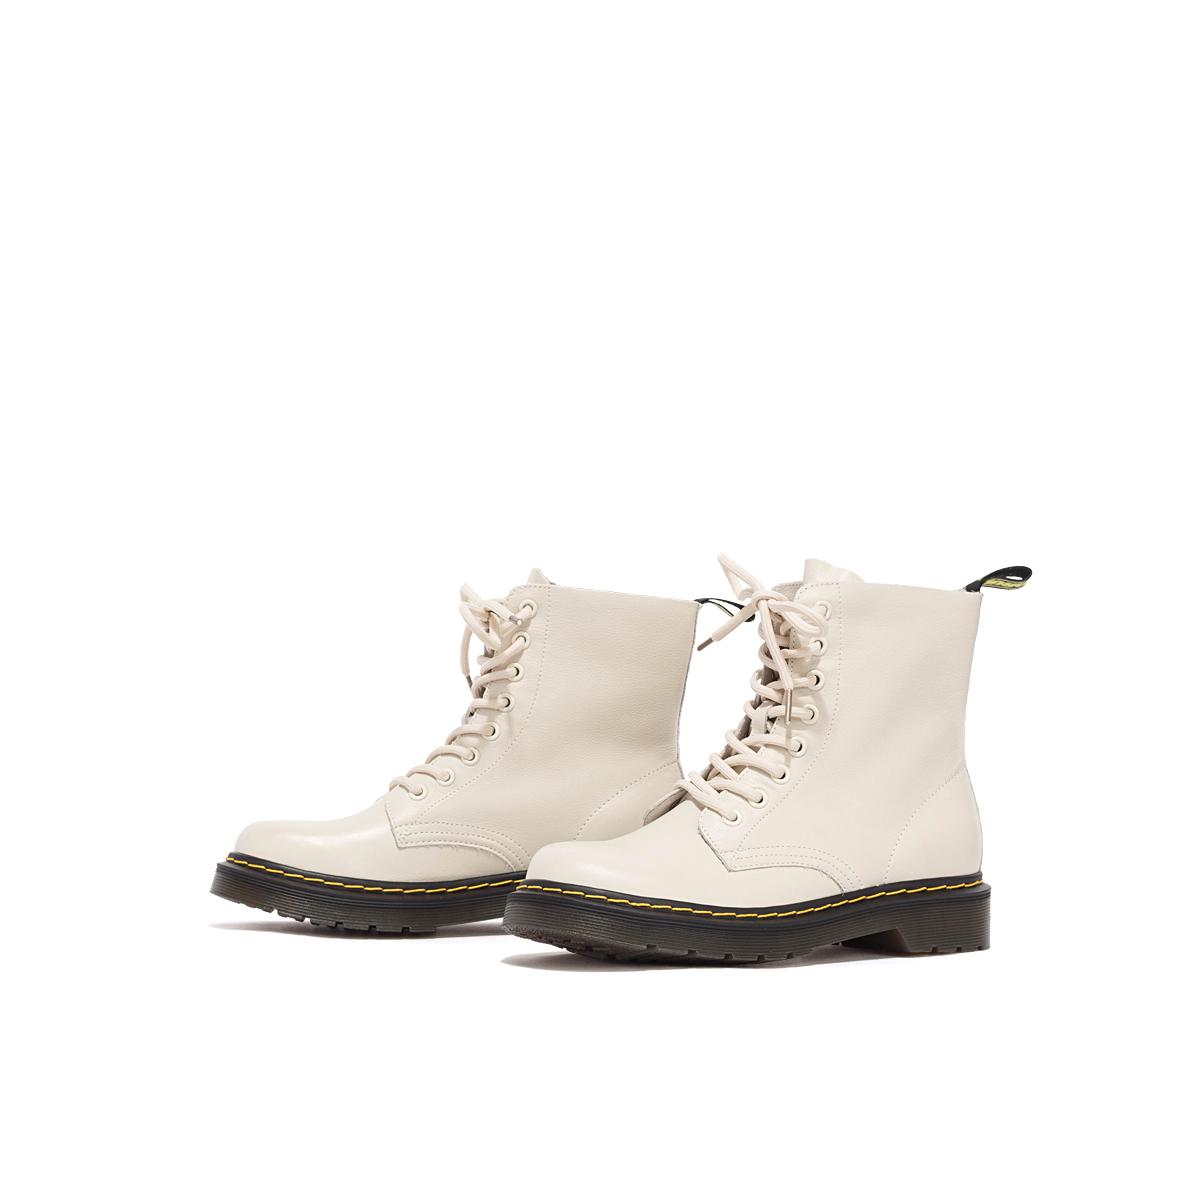 SS04116706 冬季新款休闲系带纯色短靴女靴 2020 星期六英伦风马丁靴